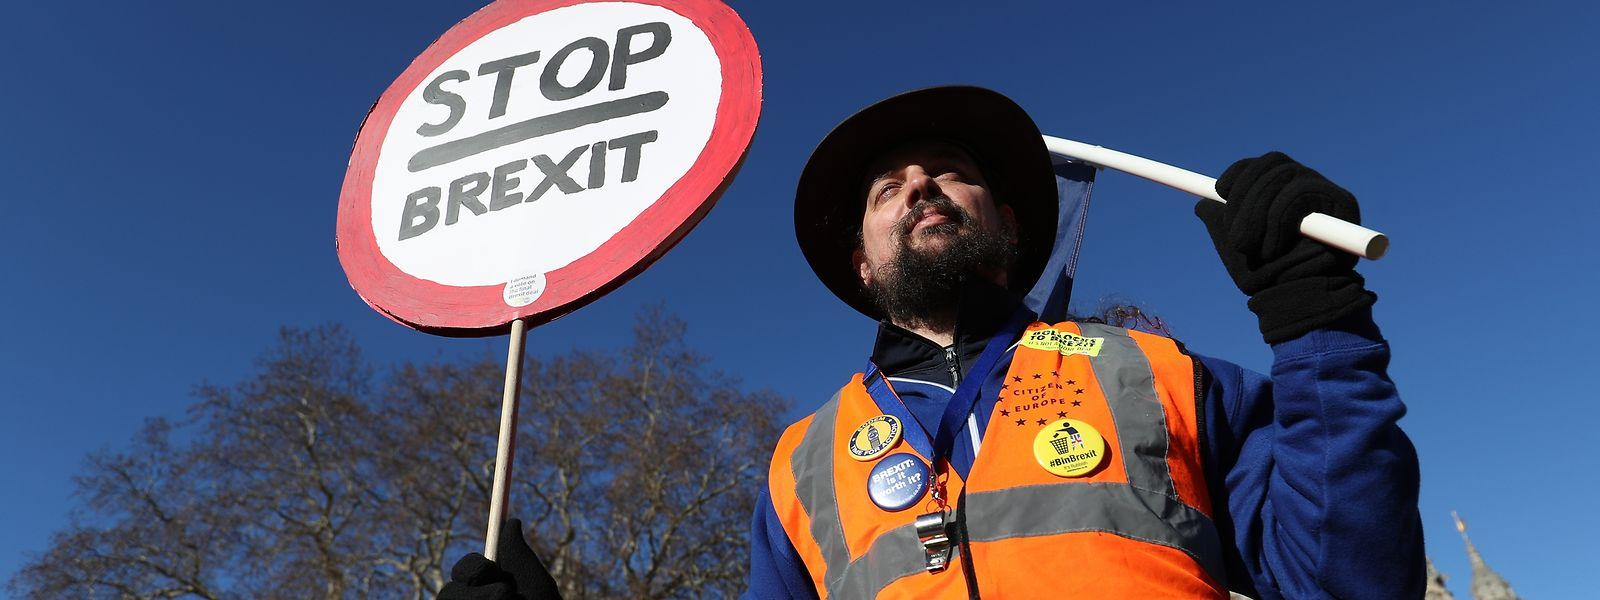 Die Diskussionen um den bevorstehenden Brexit halten an. Es werden konstant neue Frage aufgeworfen, auf die kaum jemand Antworten weiß.